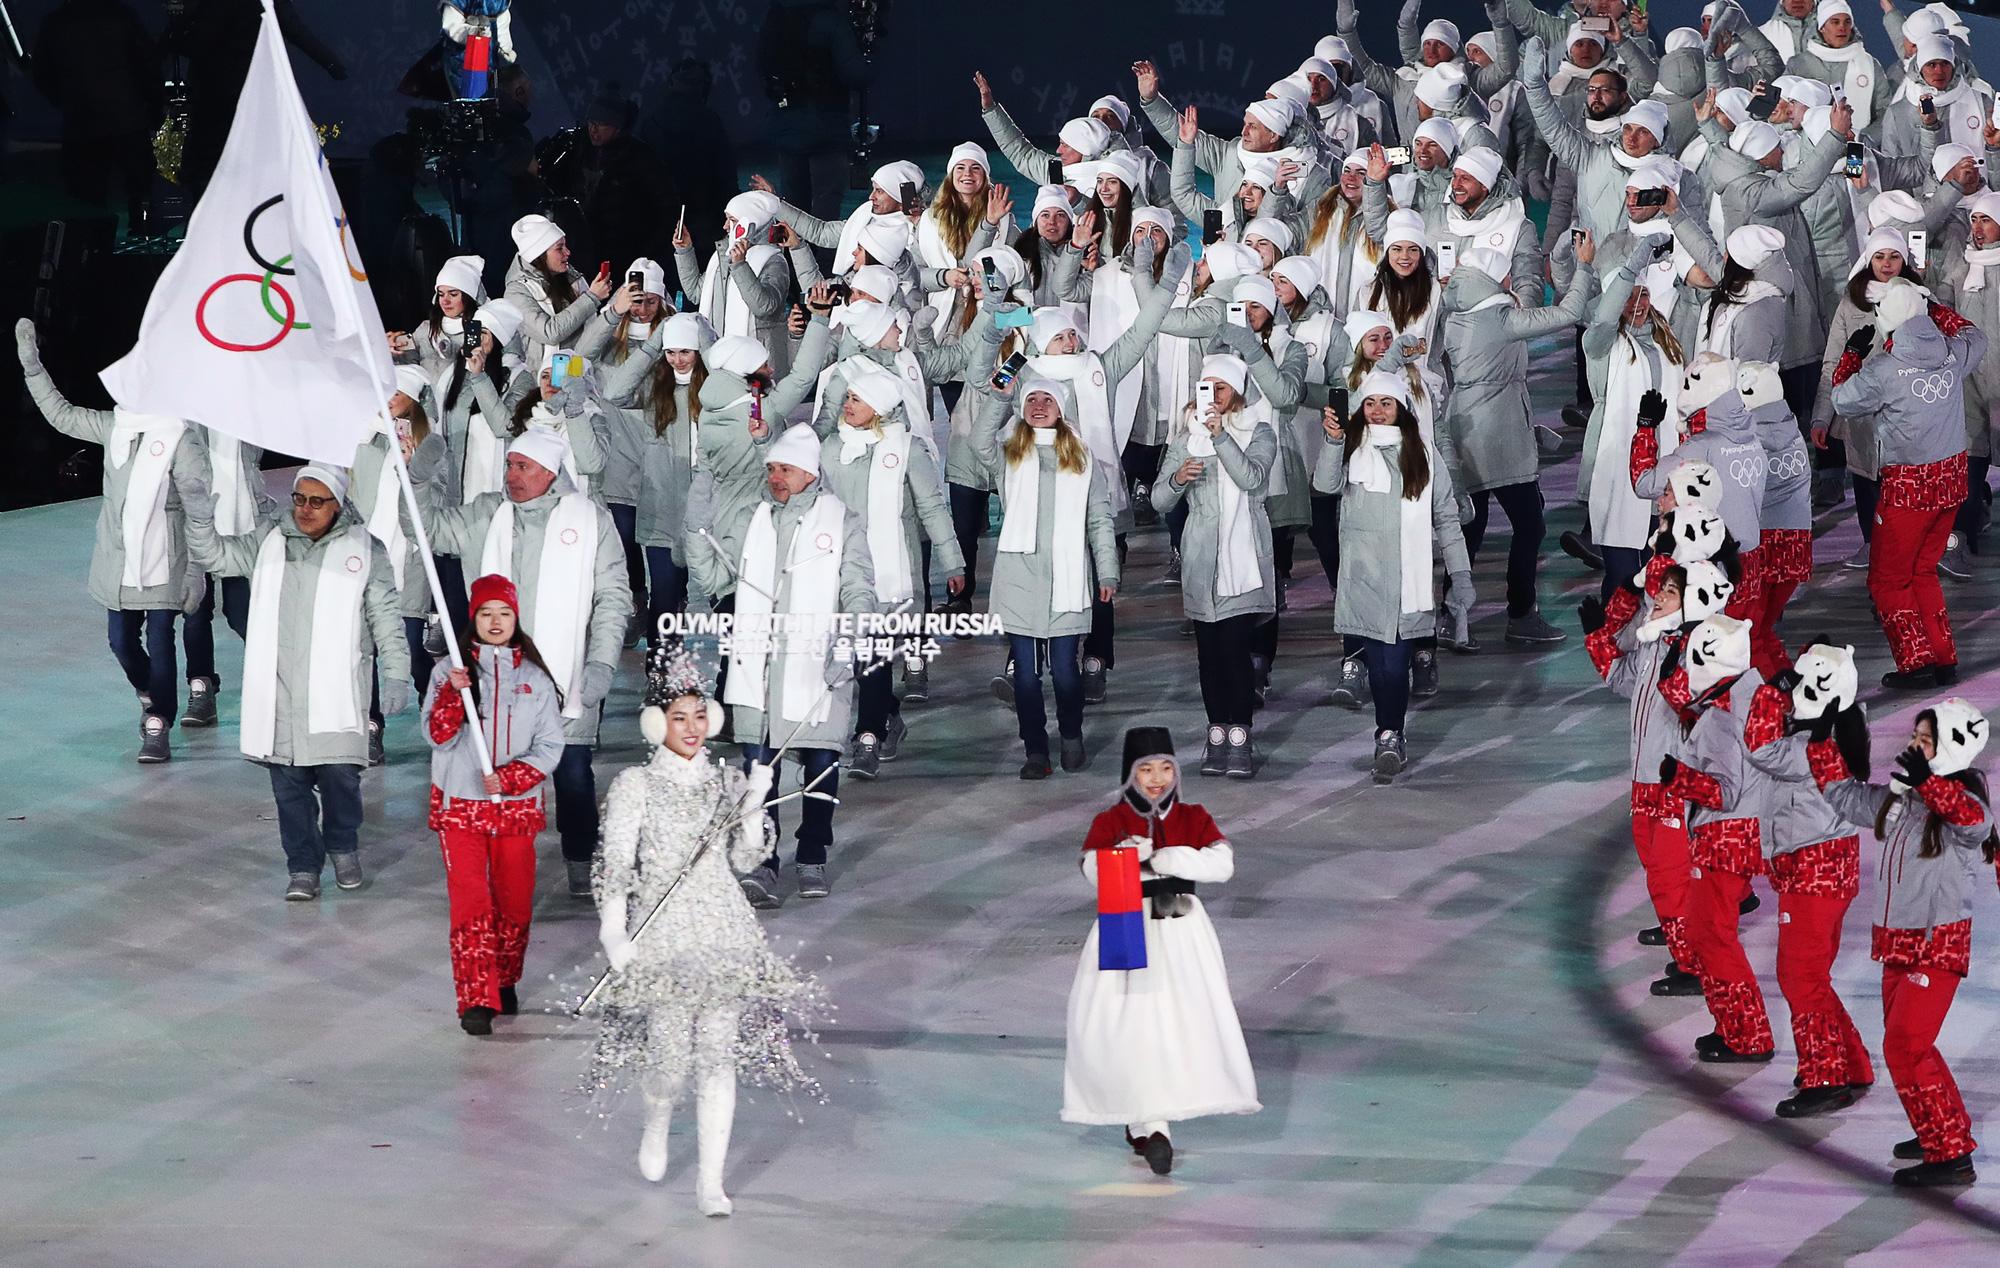 Toàn bộ thông tin cần biết về Olympic 2020 - Ảnh 5.